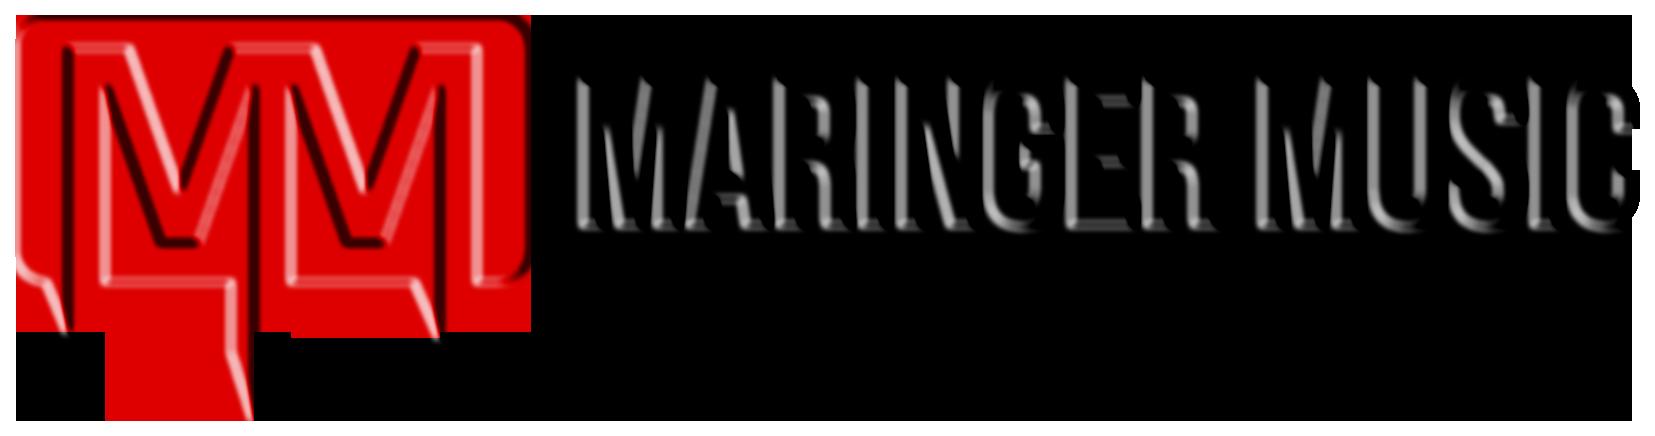 Maringer Music